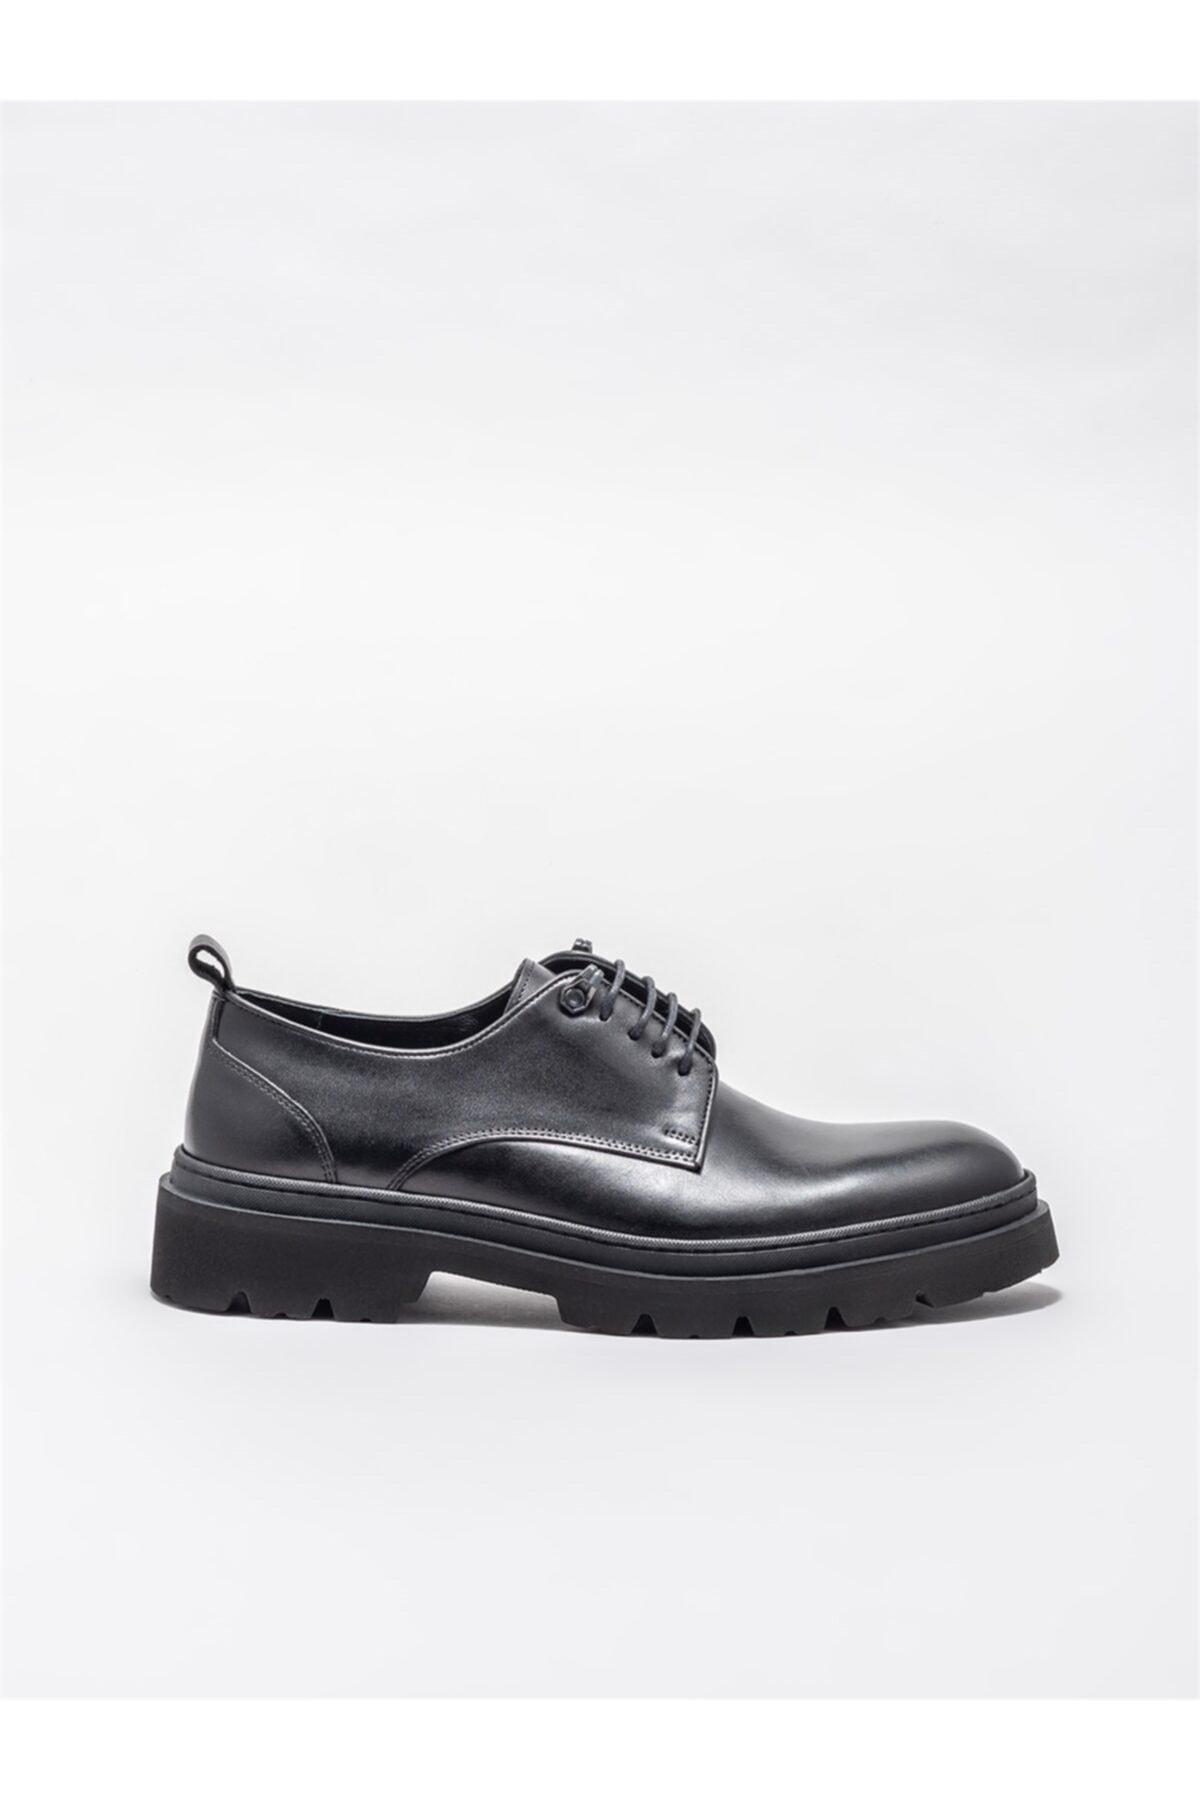 Elle Shoes Siyah Deri Erkek Günlük Ayakkabı 1